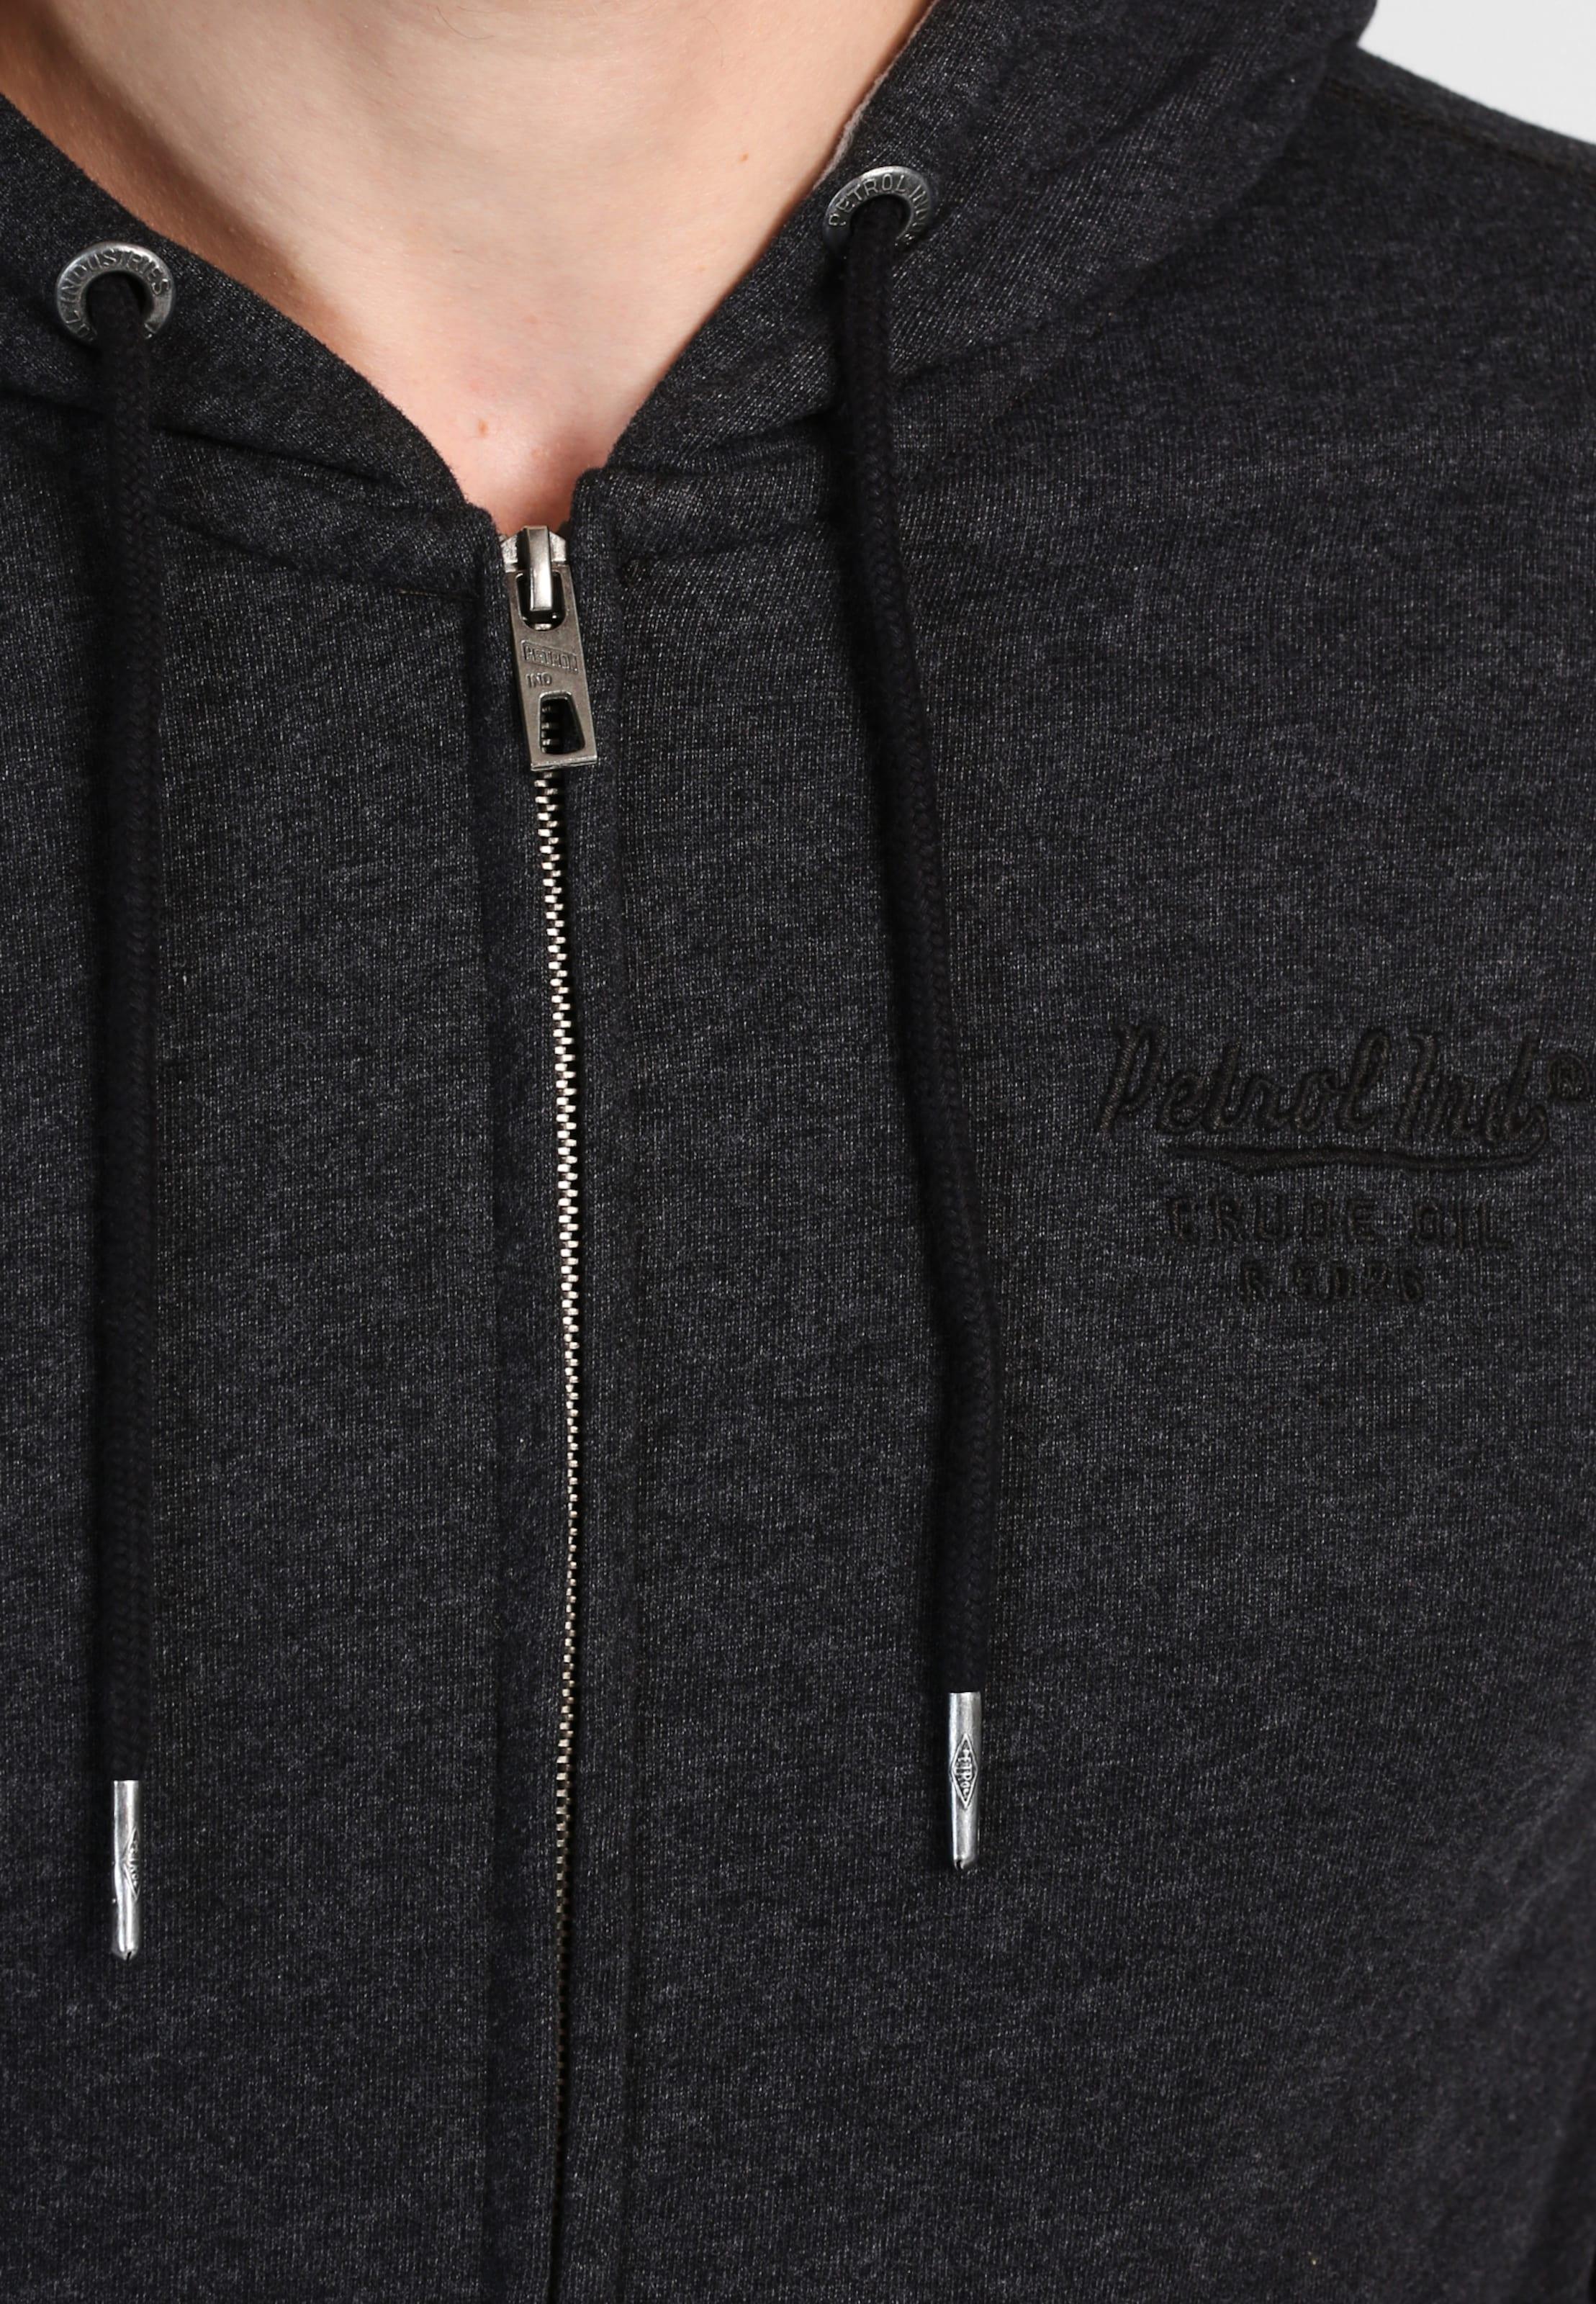 Freies Verschiffen Manchester Großer Verkauf Sast Zum Verkauf Petrol Industries Sweatshirtjacke Online-Bilder Verkauf Rabatt-Spielraum Store 33uogwg